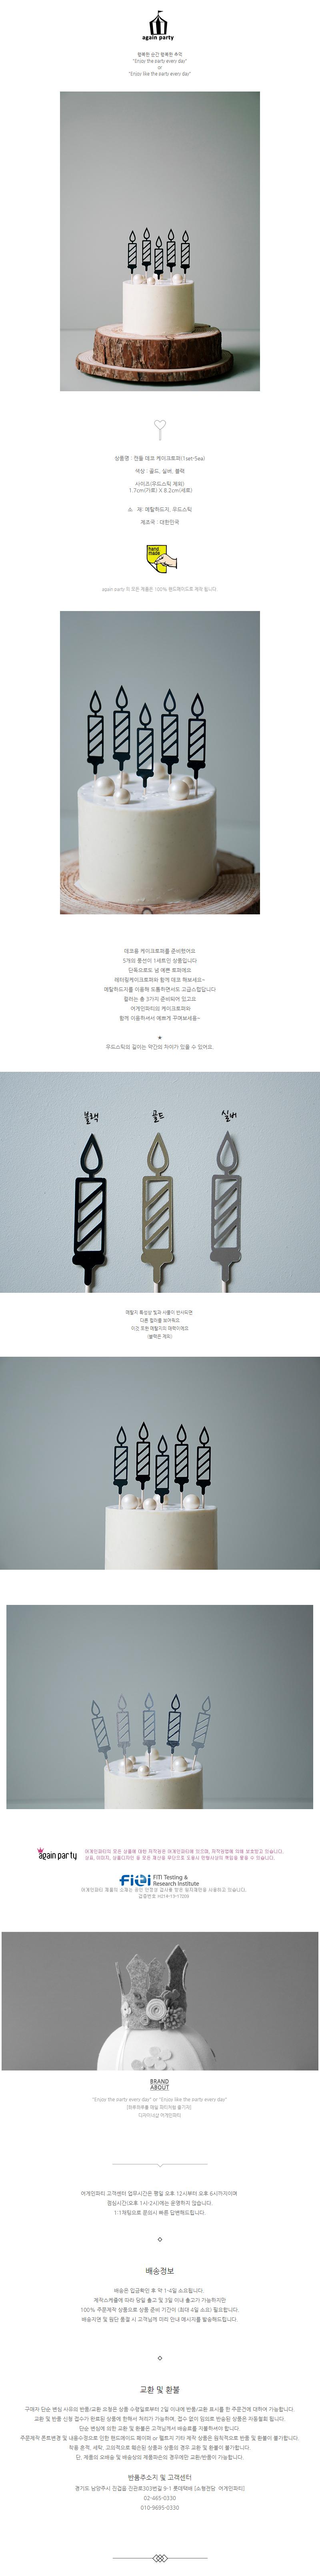 캔들 데코 케이크토퍼(1ea) - 어게인파티, 1,000원, 파티용품, 데코/장식용품